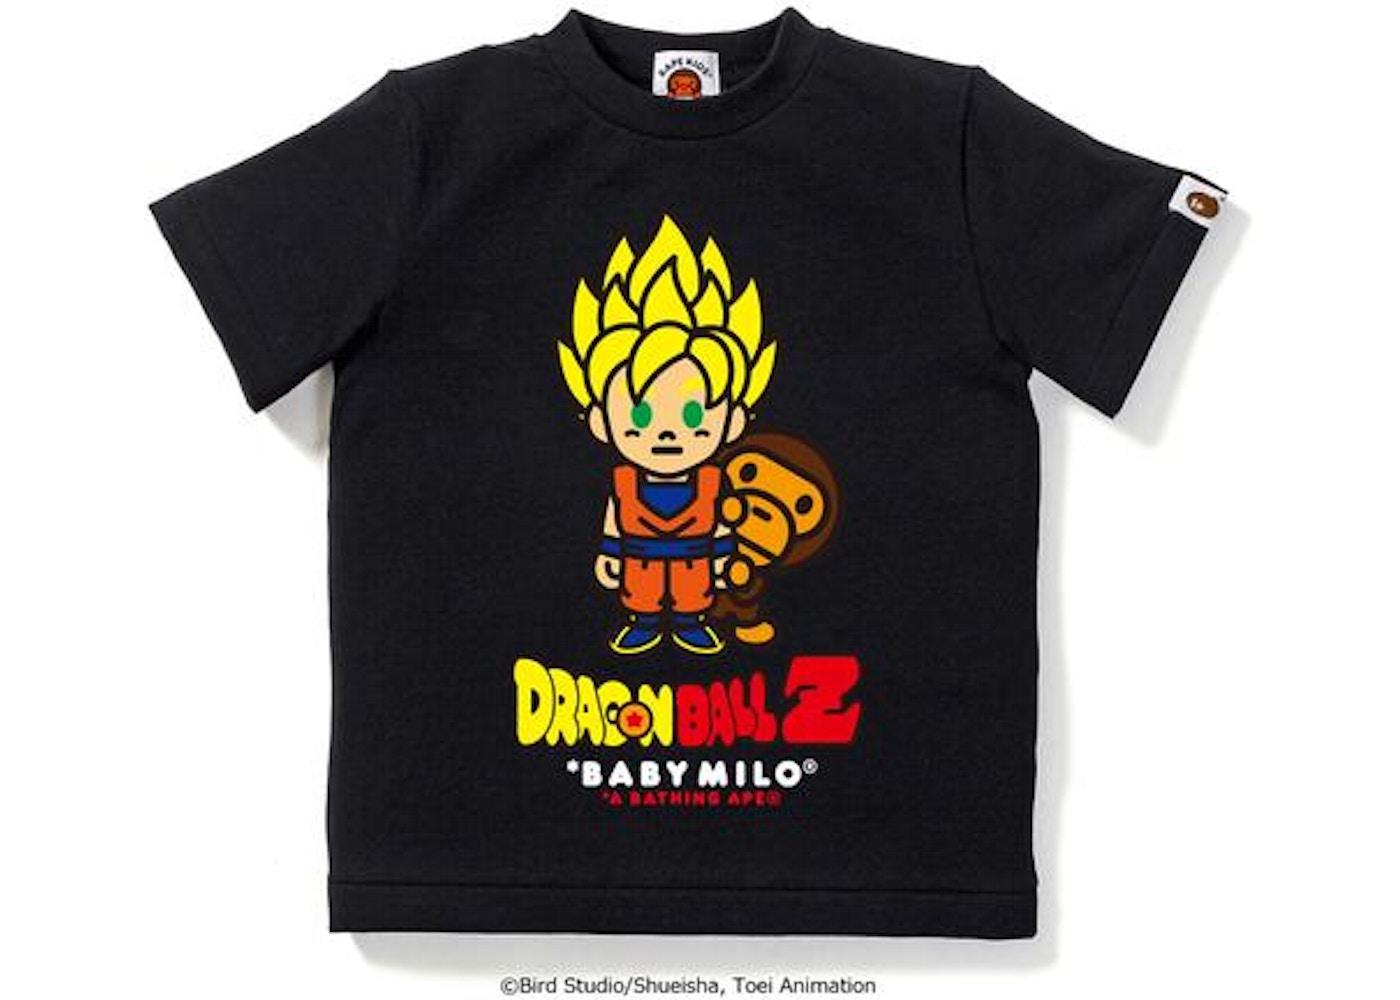 b379045f BAPE X Dragon Ball Z Tee #1 1 (Kids) Black -